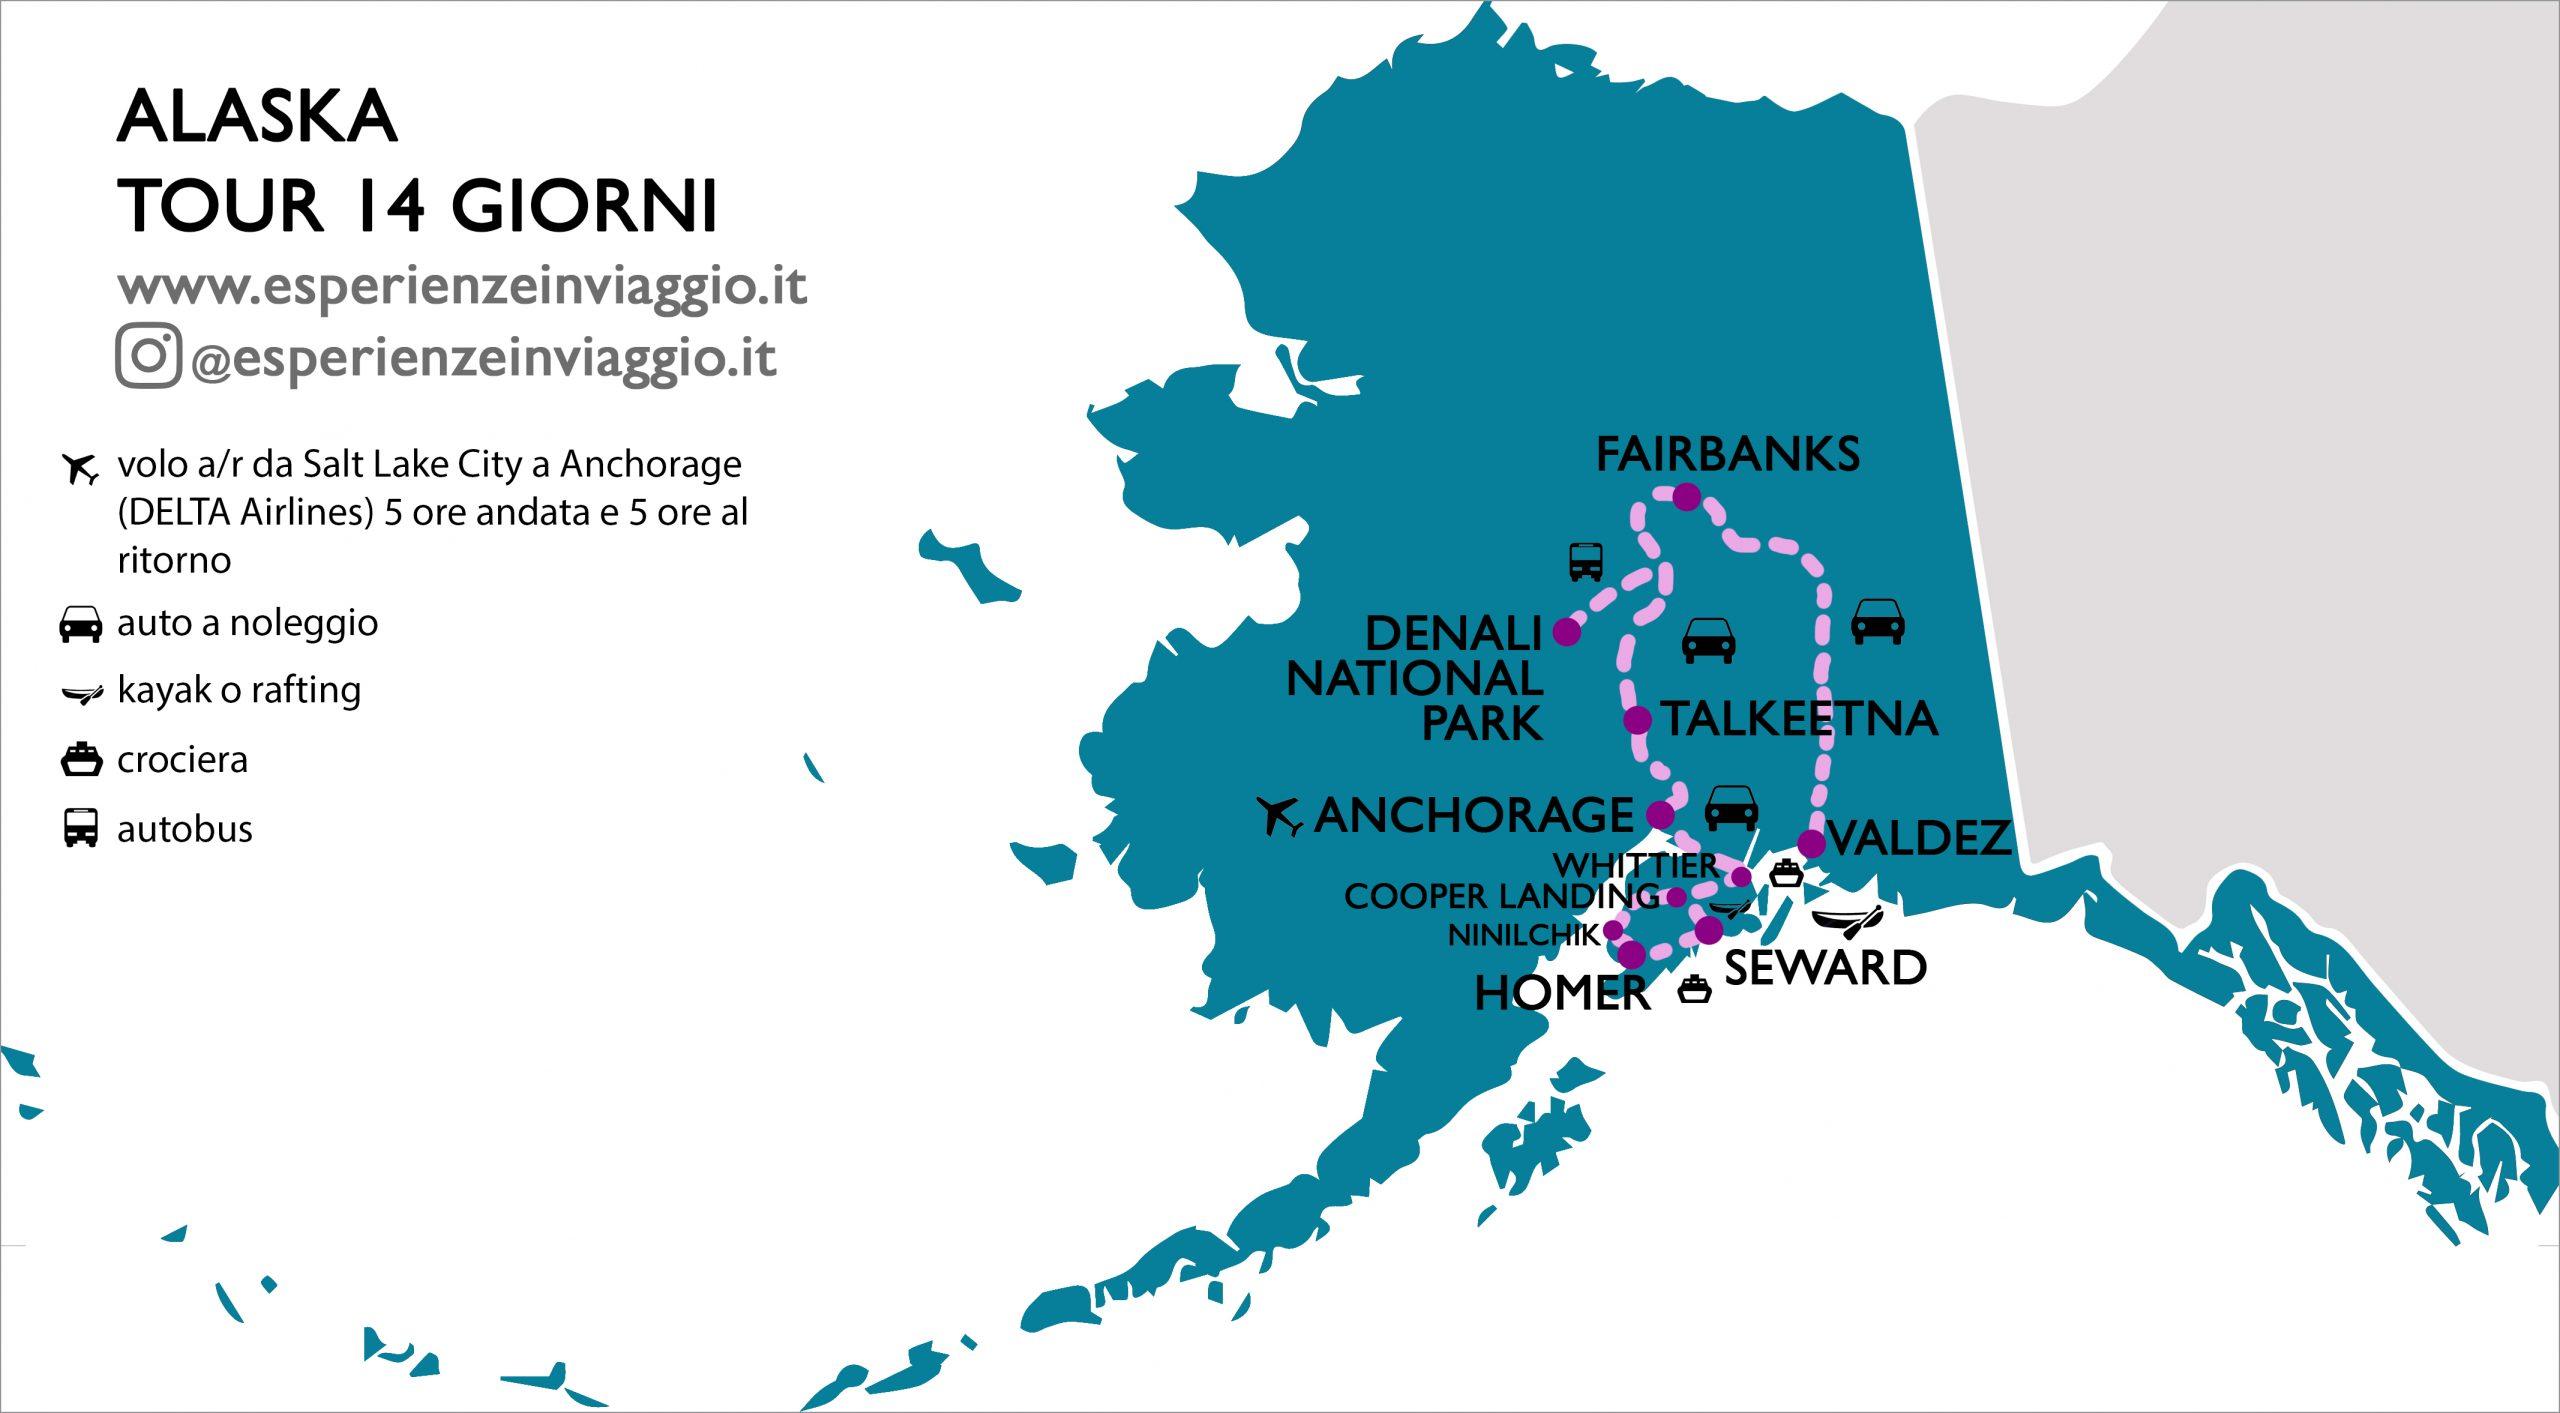 Alaska, Itinerario Esperienze in viaggio